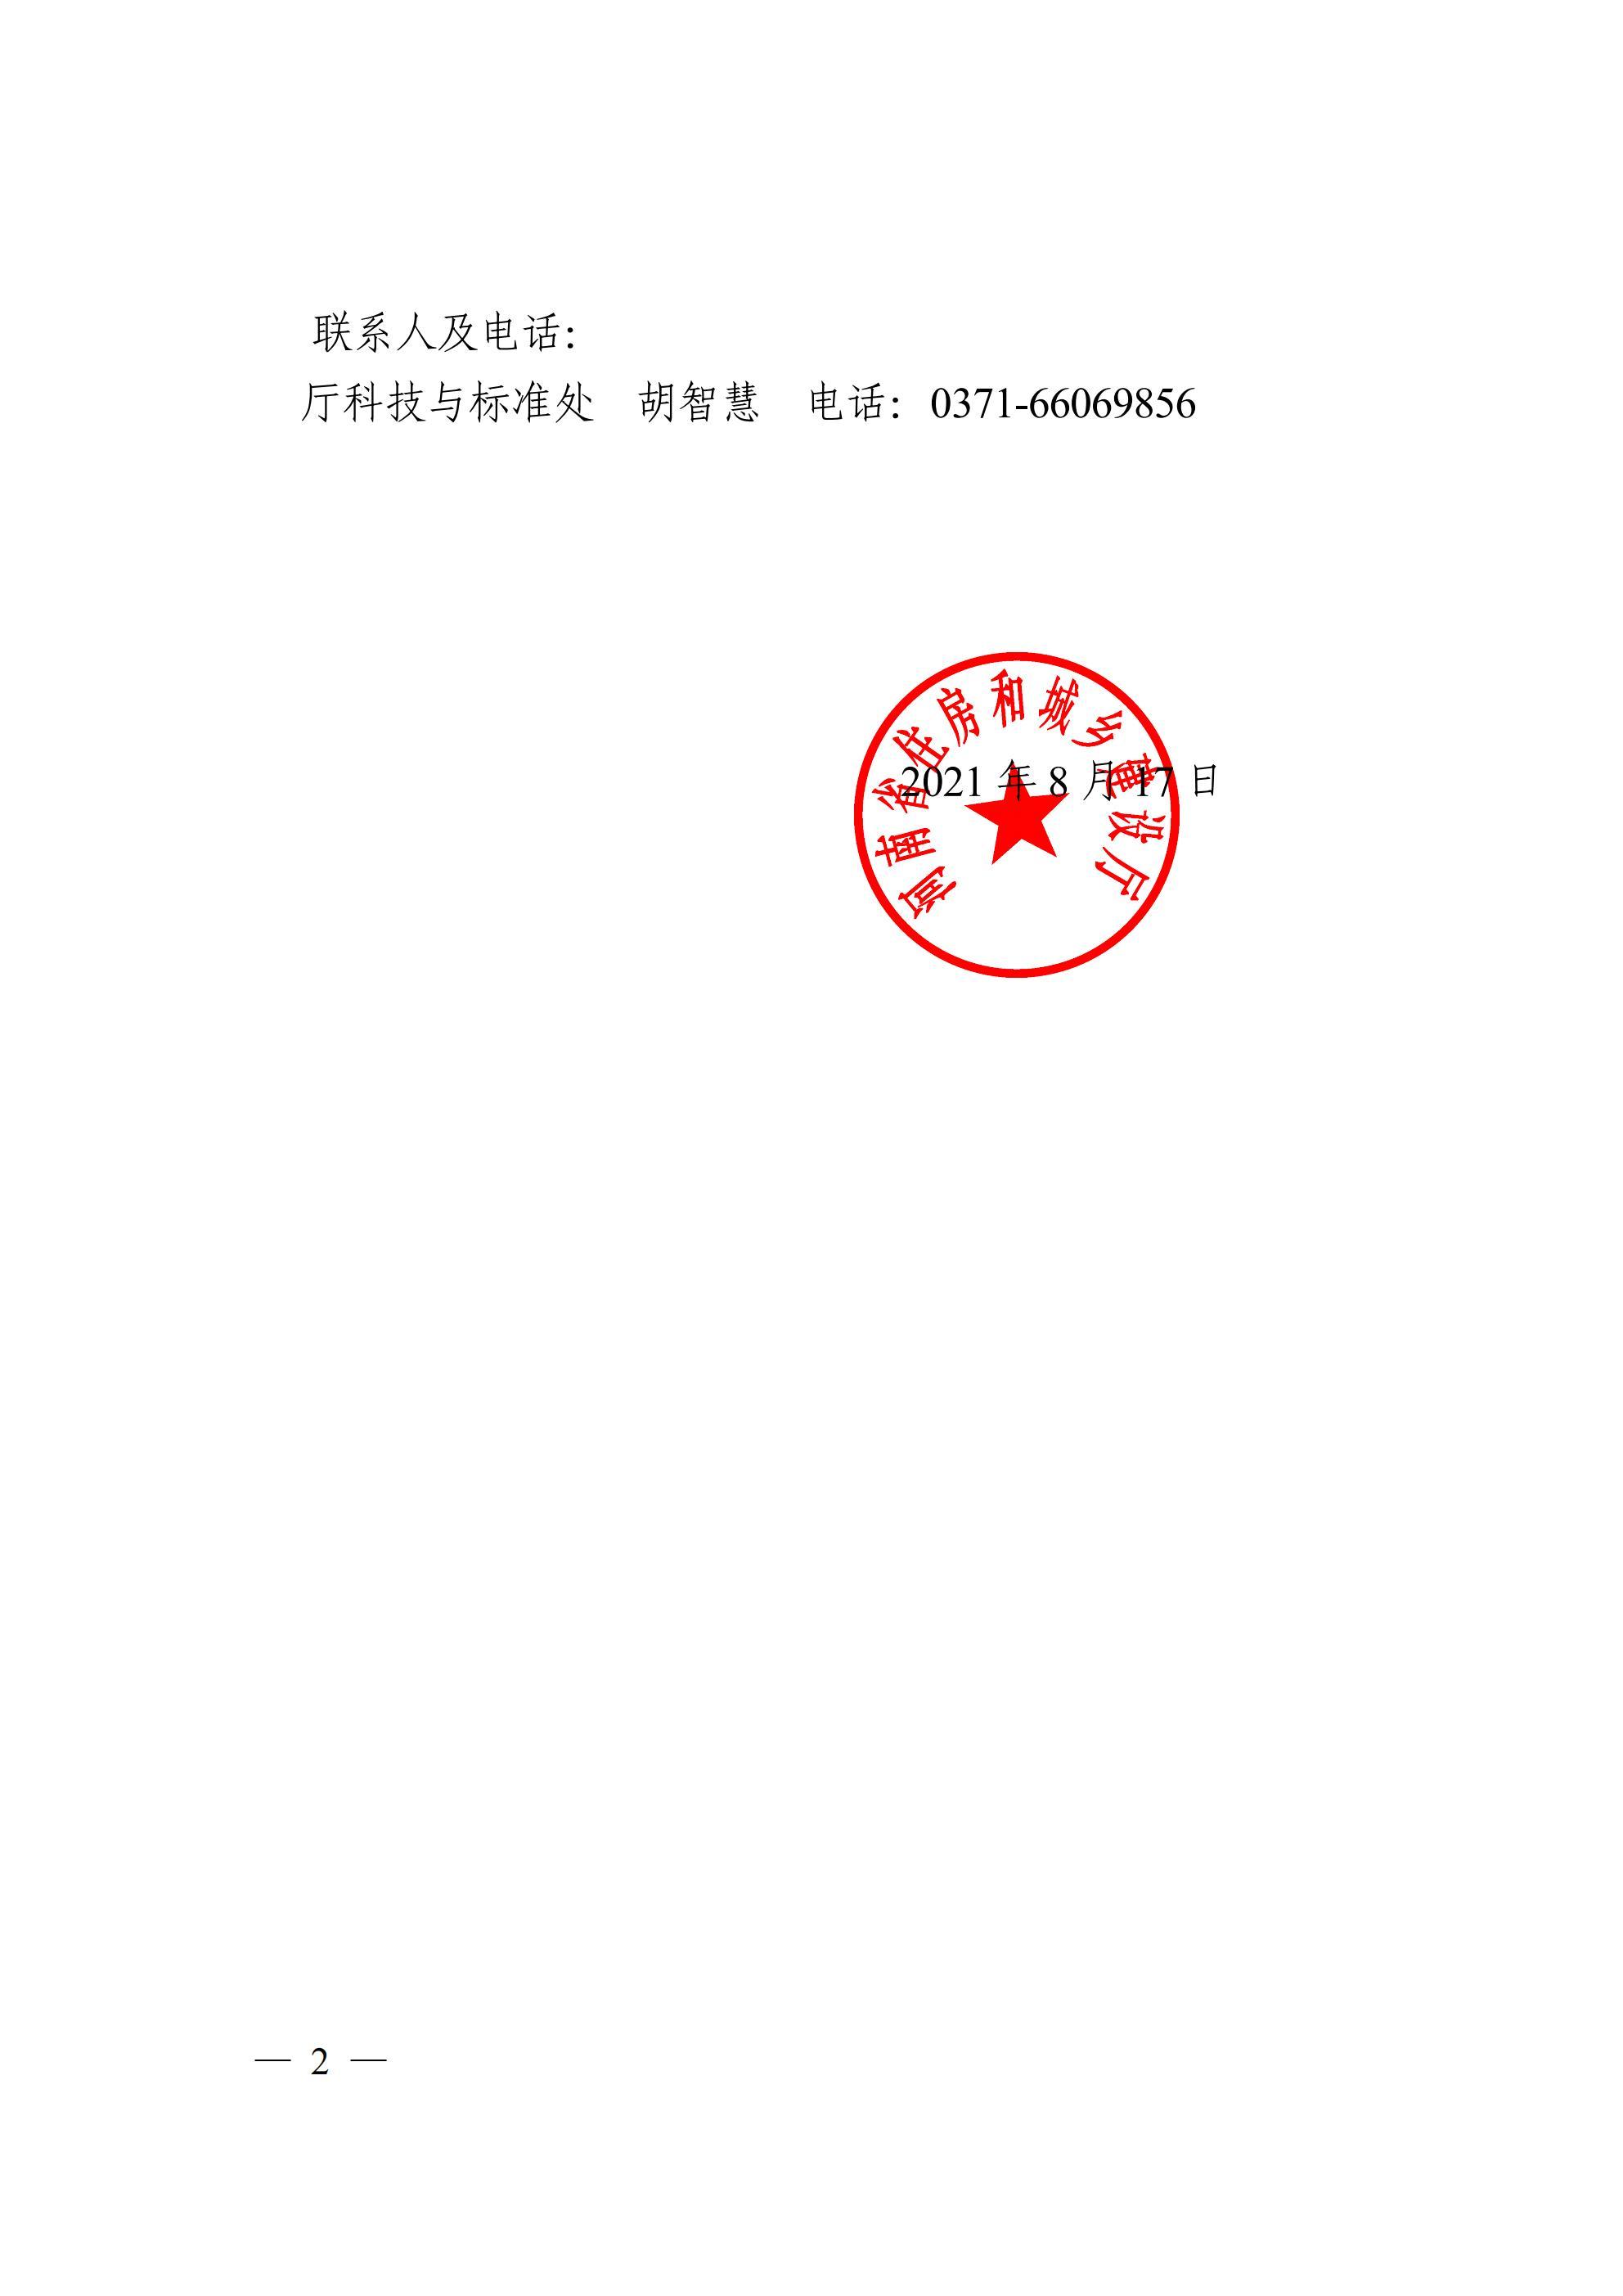 河南省住房和城乡建设厅关于印发《河南省推广应用工程造价职业保险工作方案》的通知_01